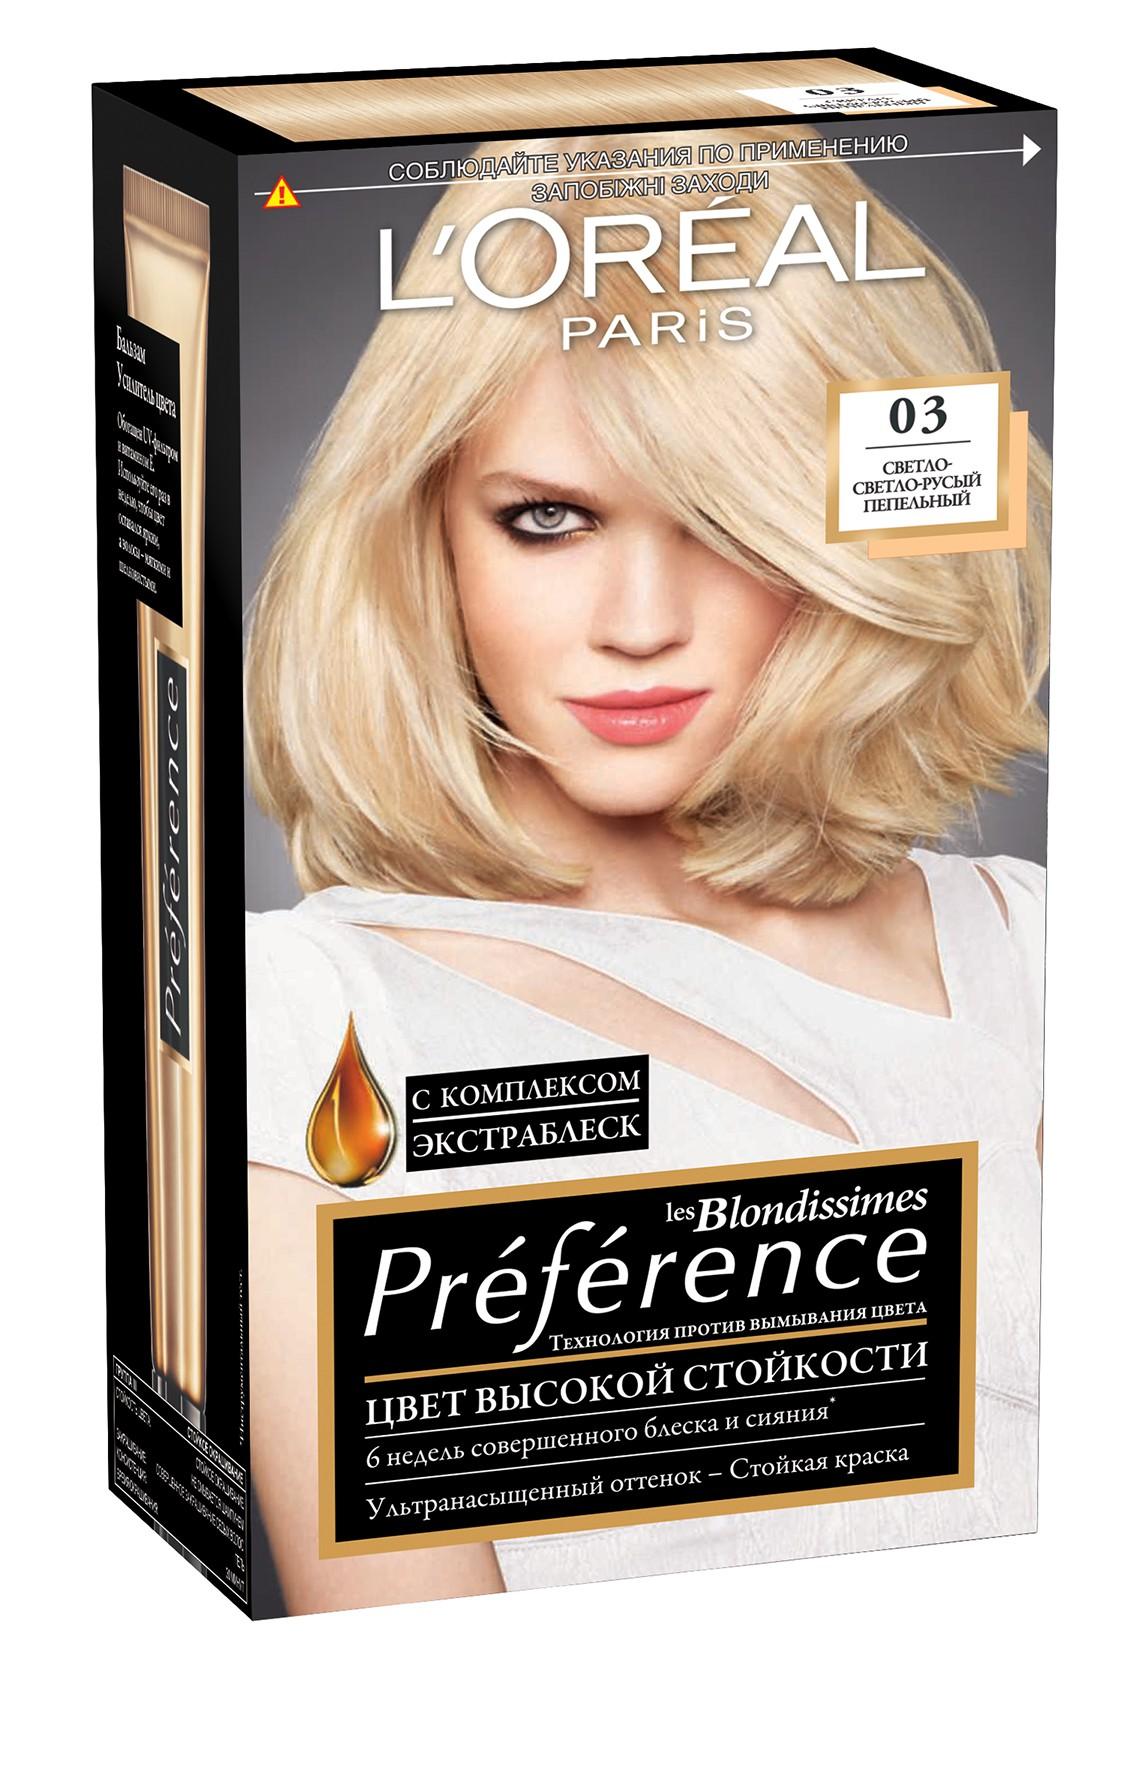 """L'Oreal Paris Стойкая краска для волос """"Preference"""", с бальзамом -усилителем цвета, оттенок 03, Светло-светло-русый пепельный"""